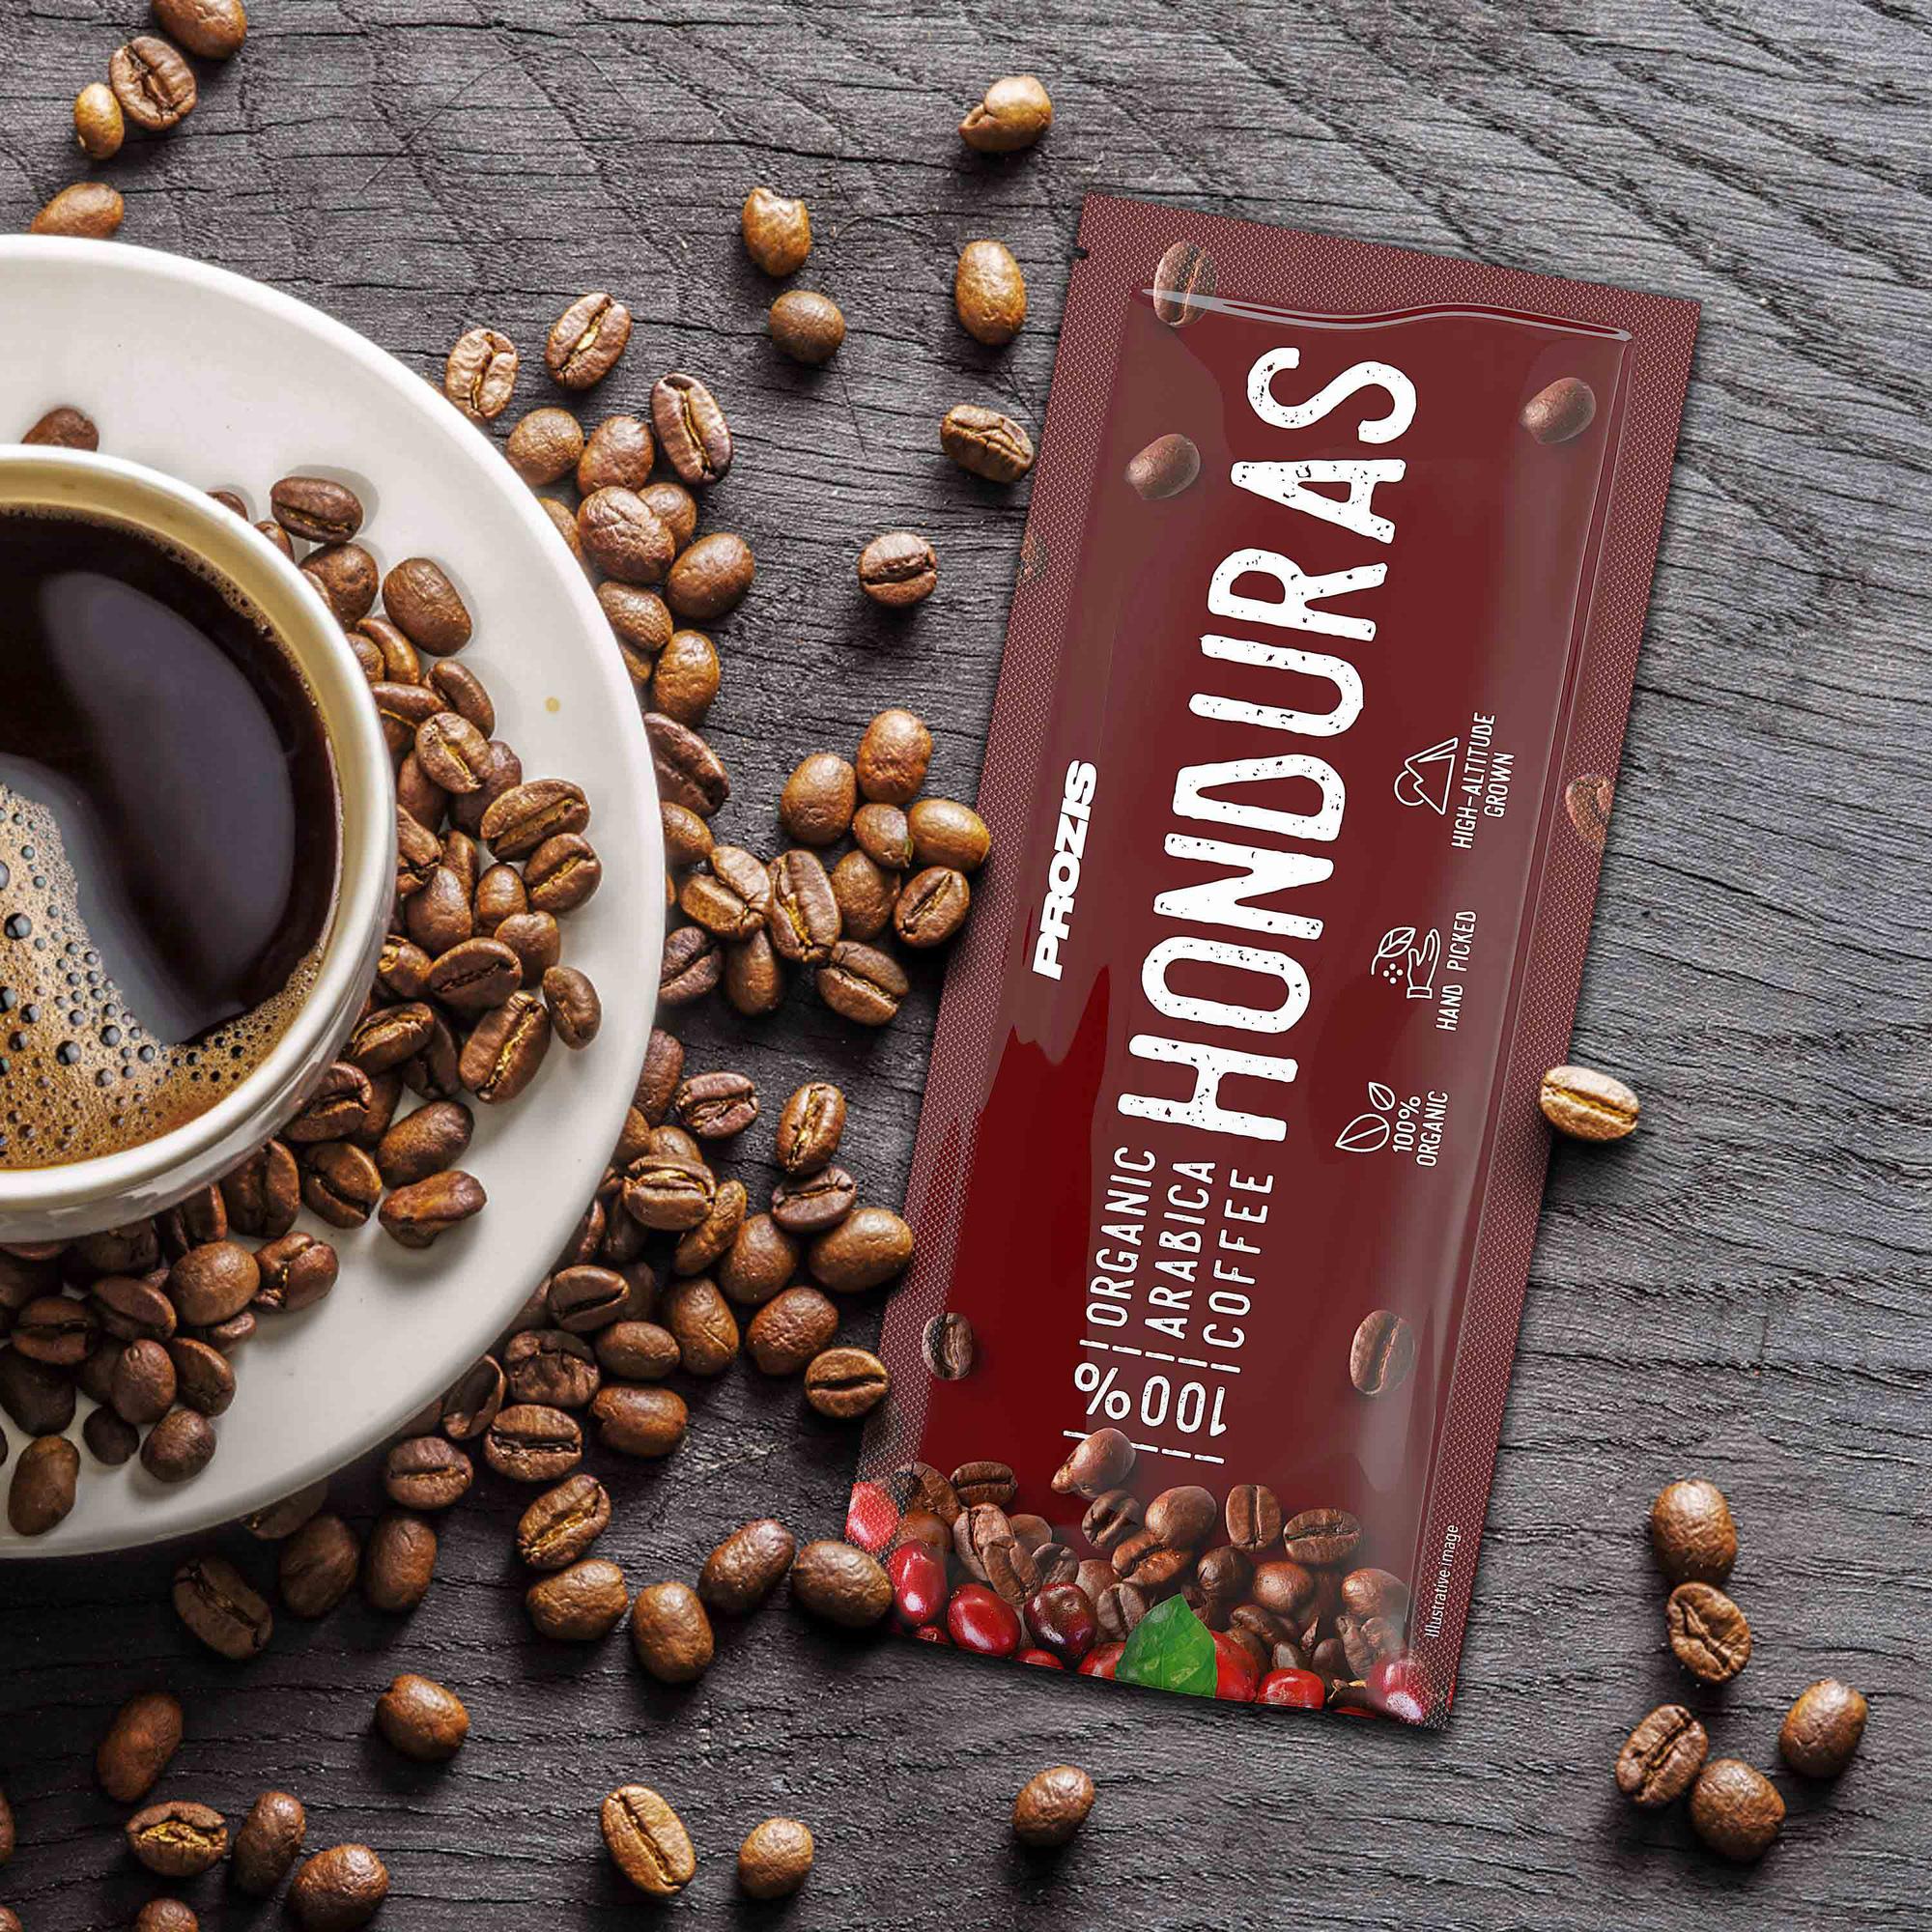 Vì đâu Starbucks đóng cửa hàng loạt cũng khó cản giá cà phê tăng chóng mặt? - Ảnh 2.